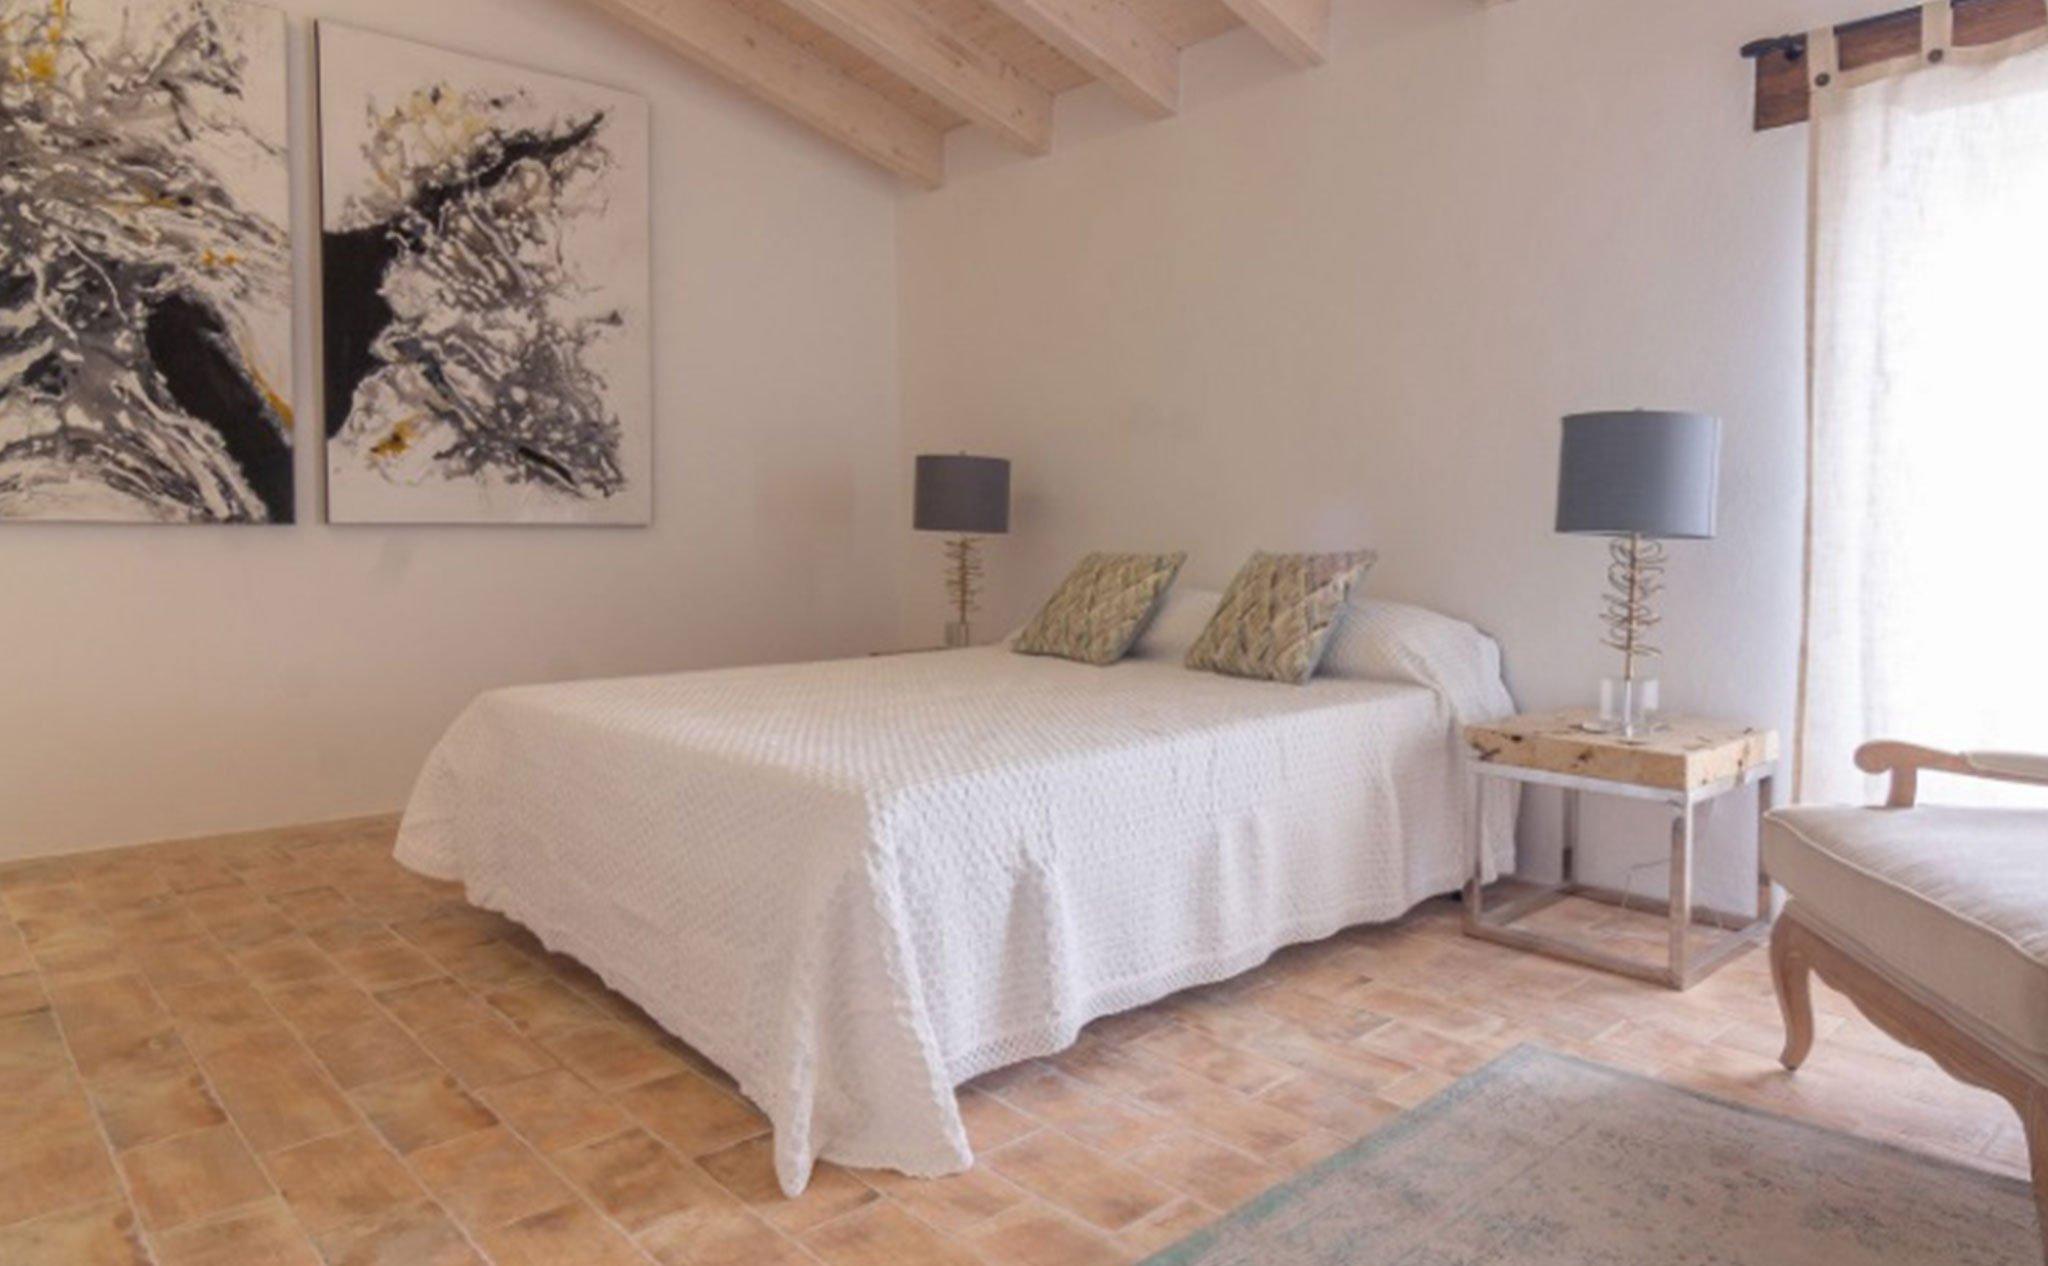 Dormitorio en una casa de pueblo en venta en el centro de Xàbia – MORAGUESPONS Mediterranean Houses